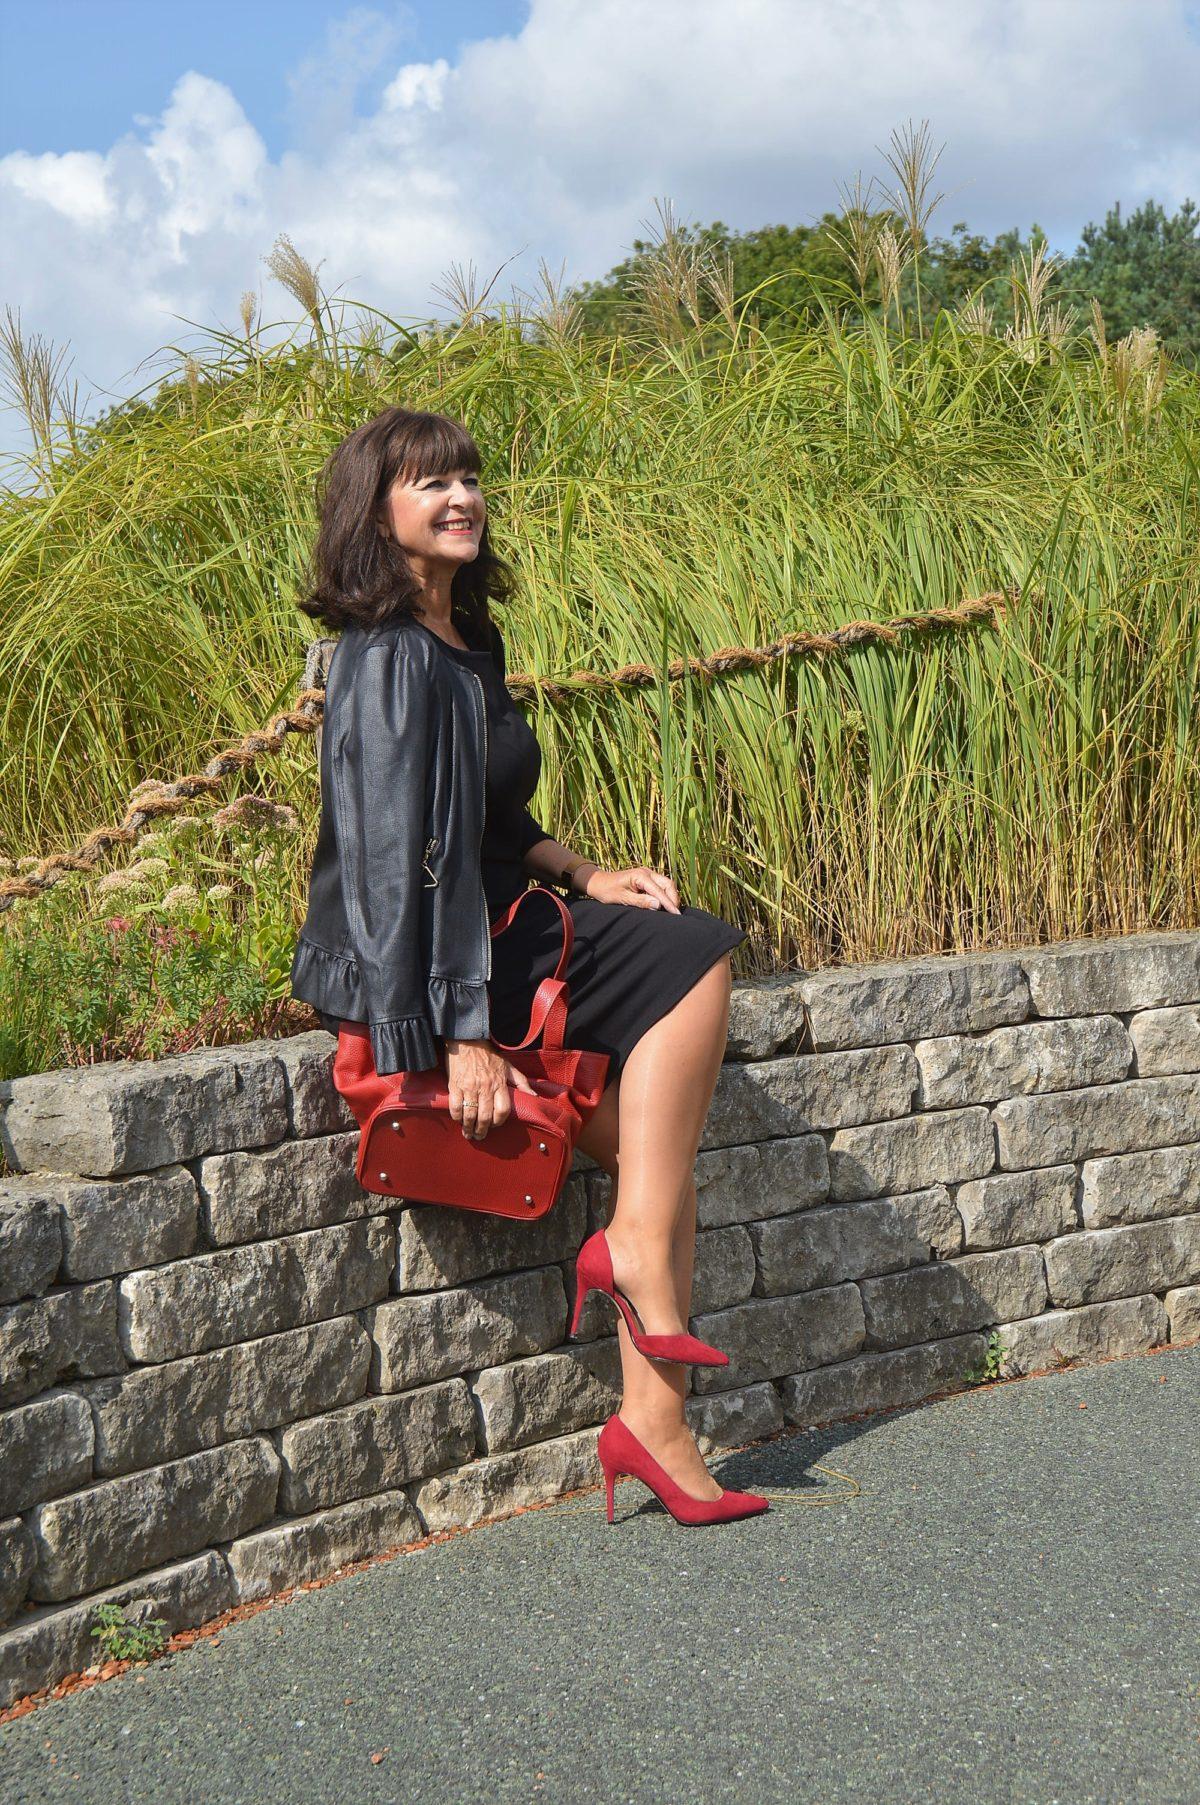 Herbstoutfit 2018 Lady Like Im Schicken Kleid Martina Berg